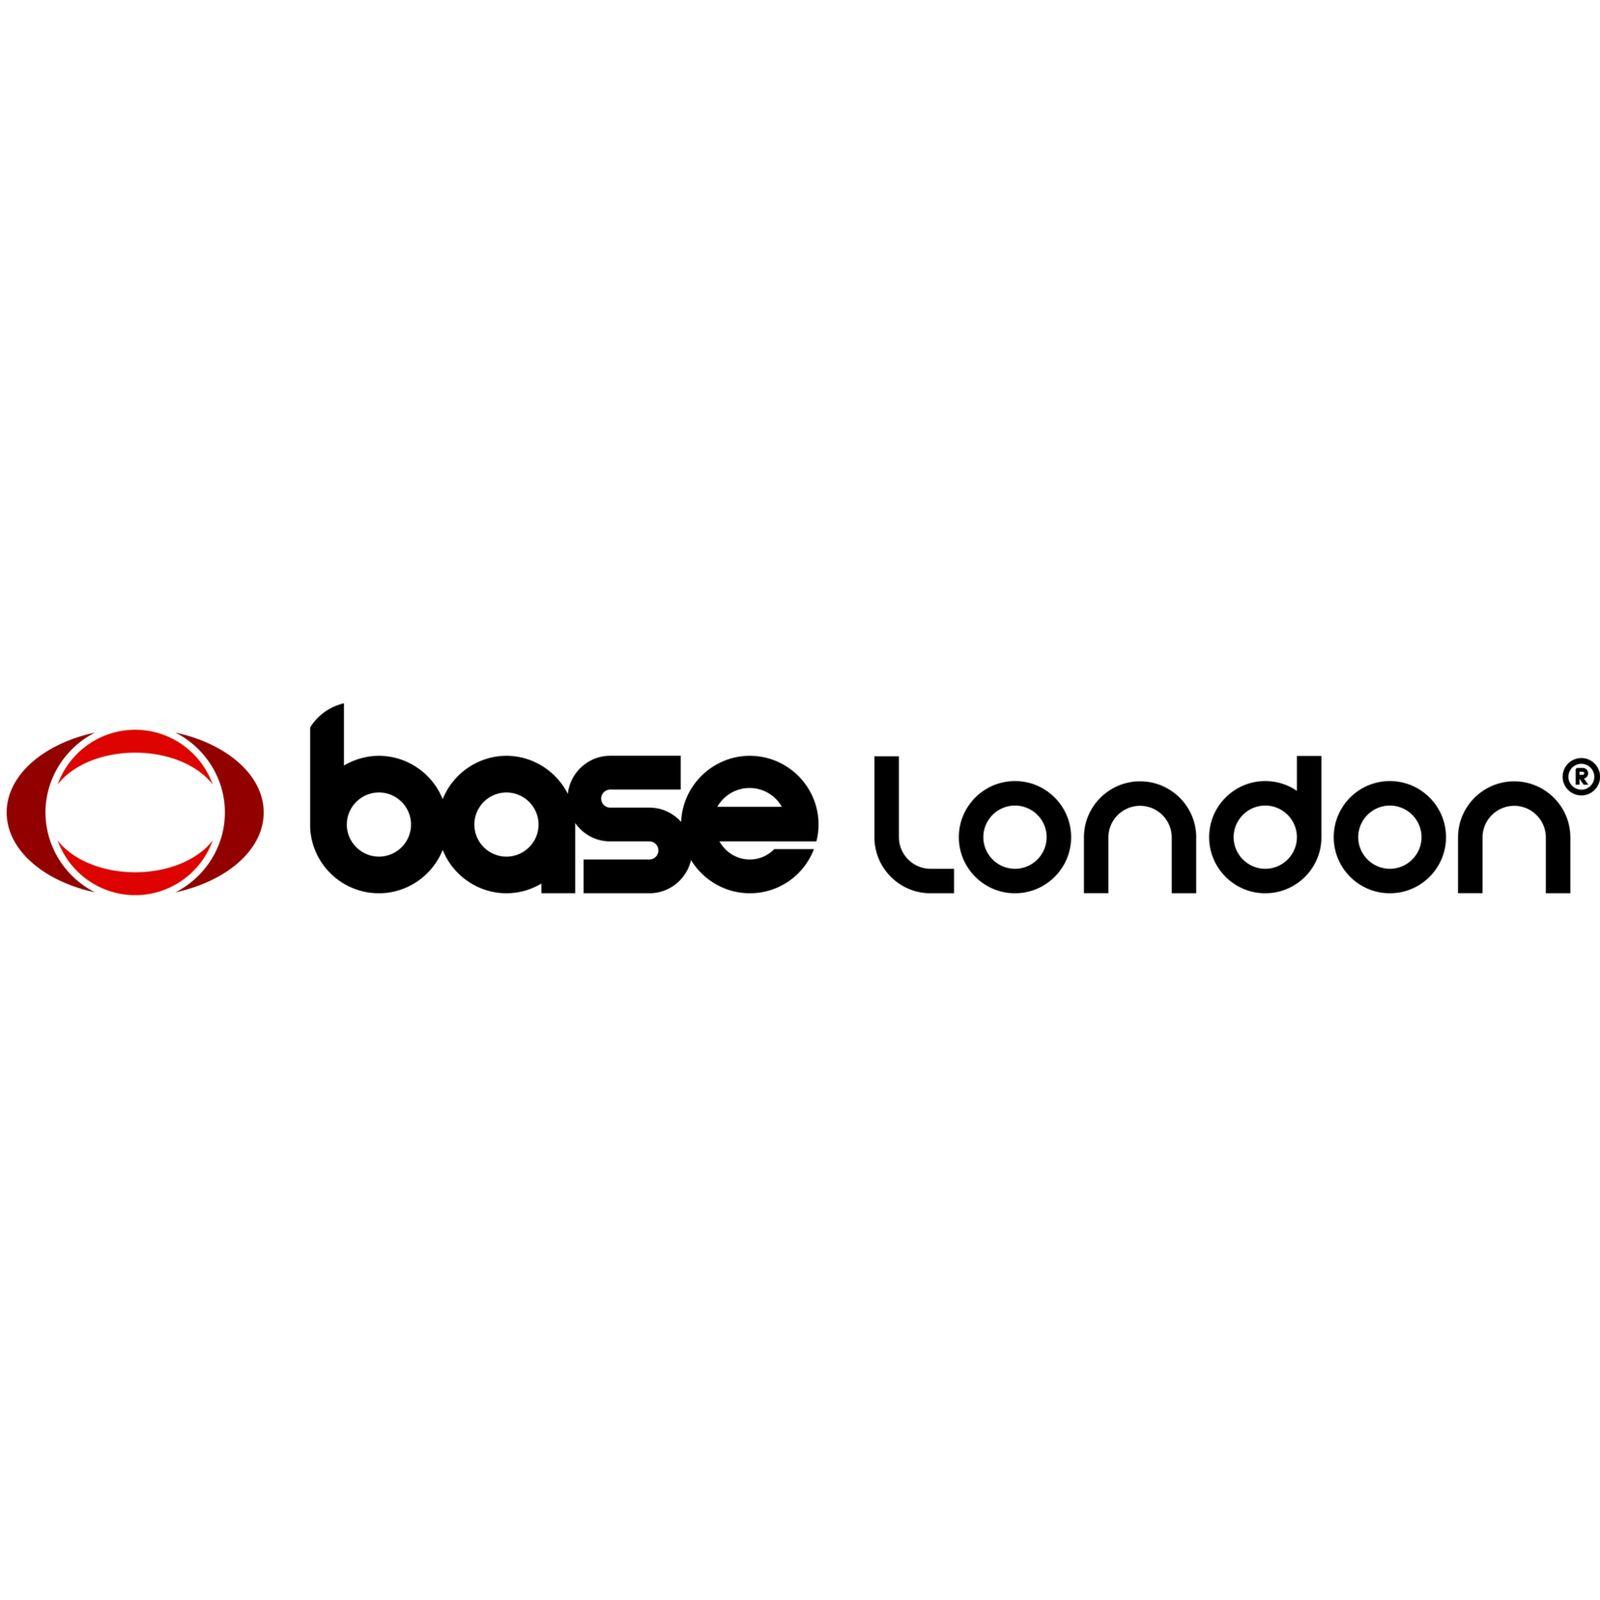 base London®